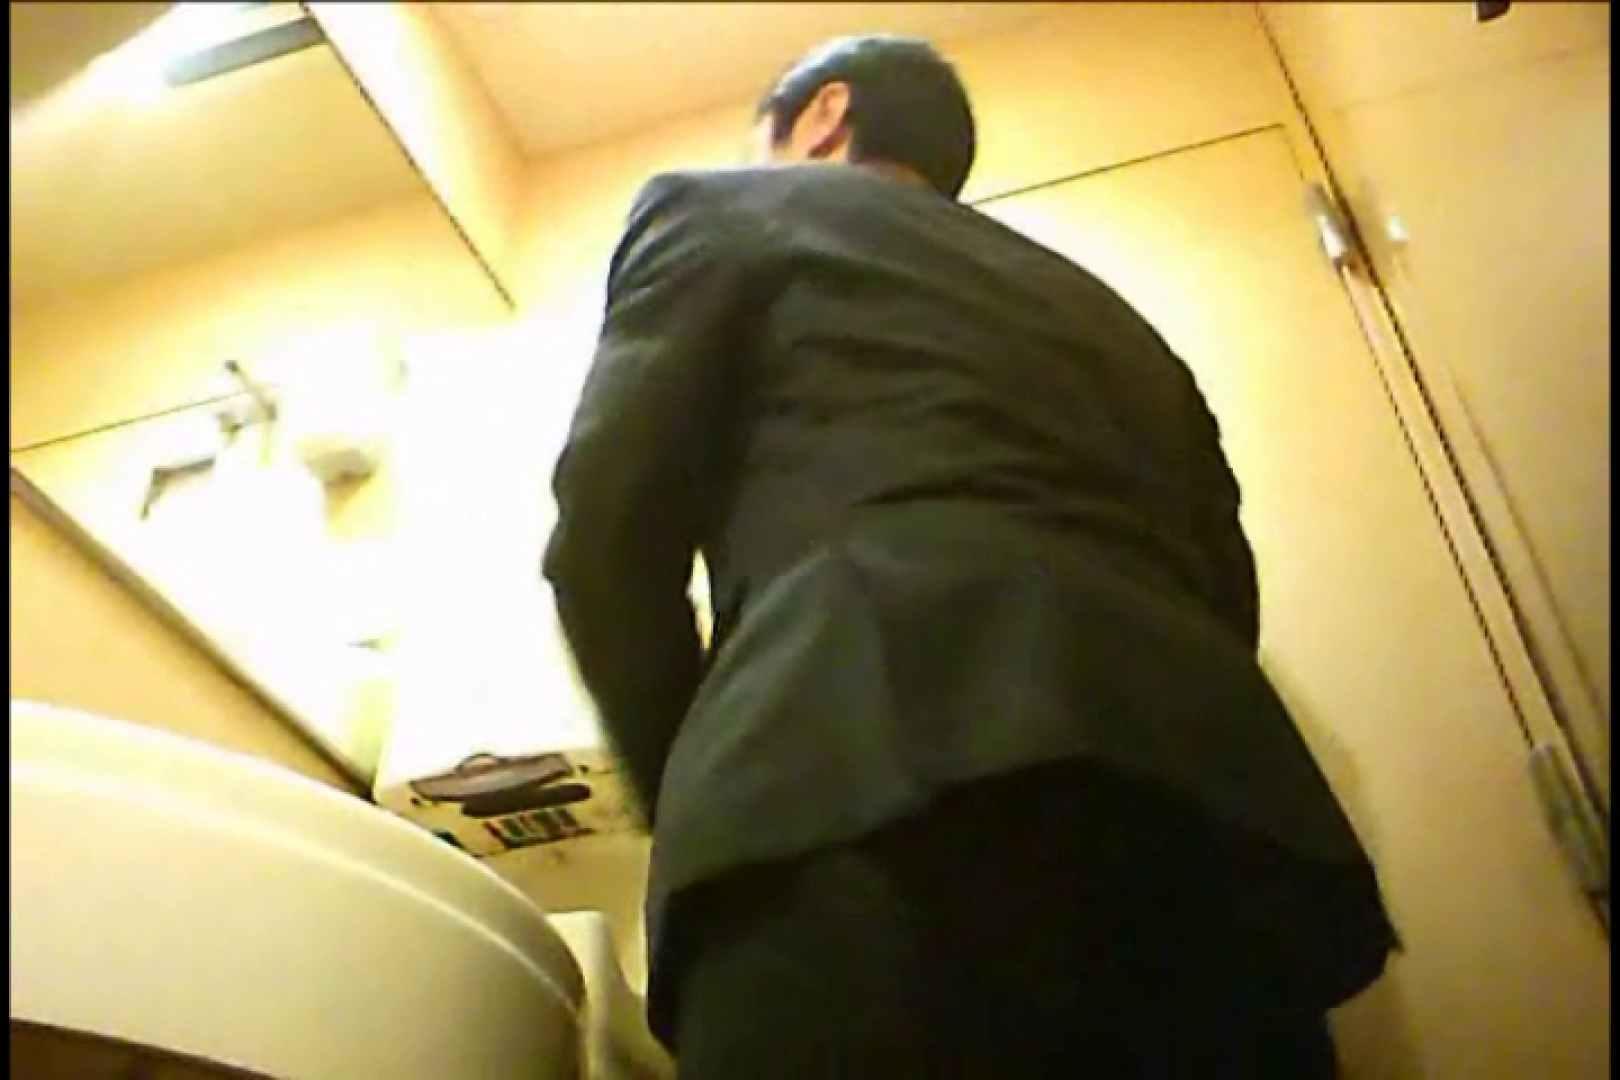 Gボーイ初投稿!掴み取りさんの洗面所覗き!in新幹線!VOL.07 ボーイズ覗き | のぞき  72pic 30